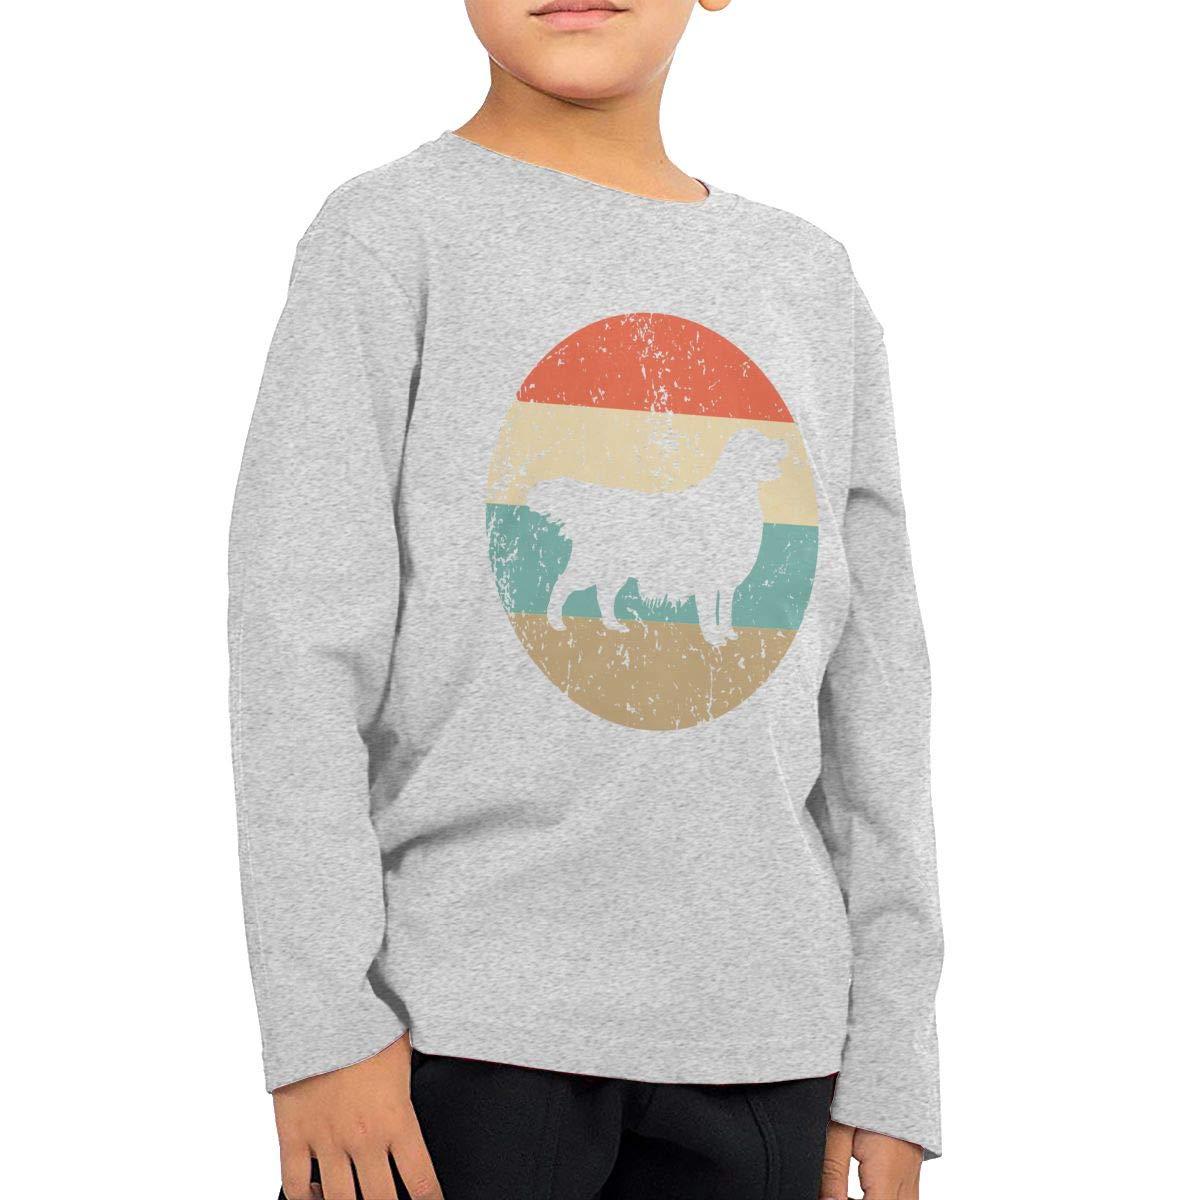 Retro Golden Retriever Kids T-Shirt Long Sleeve Boys Girls T-Shirt